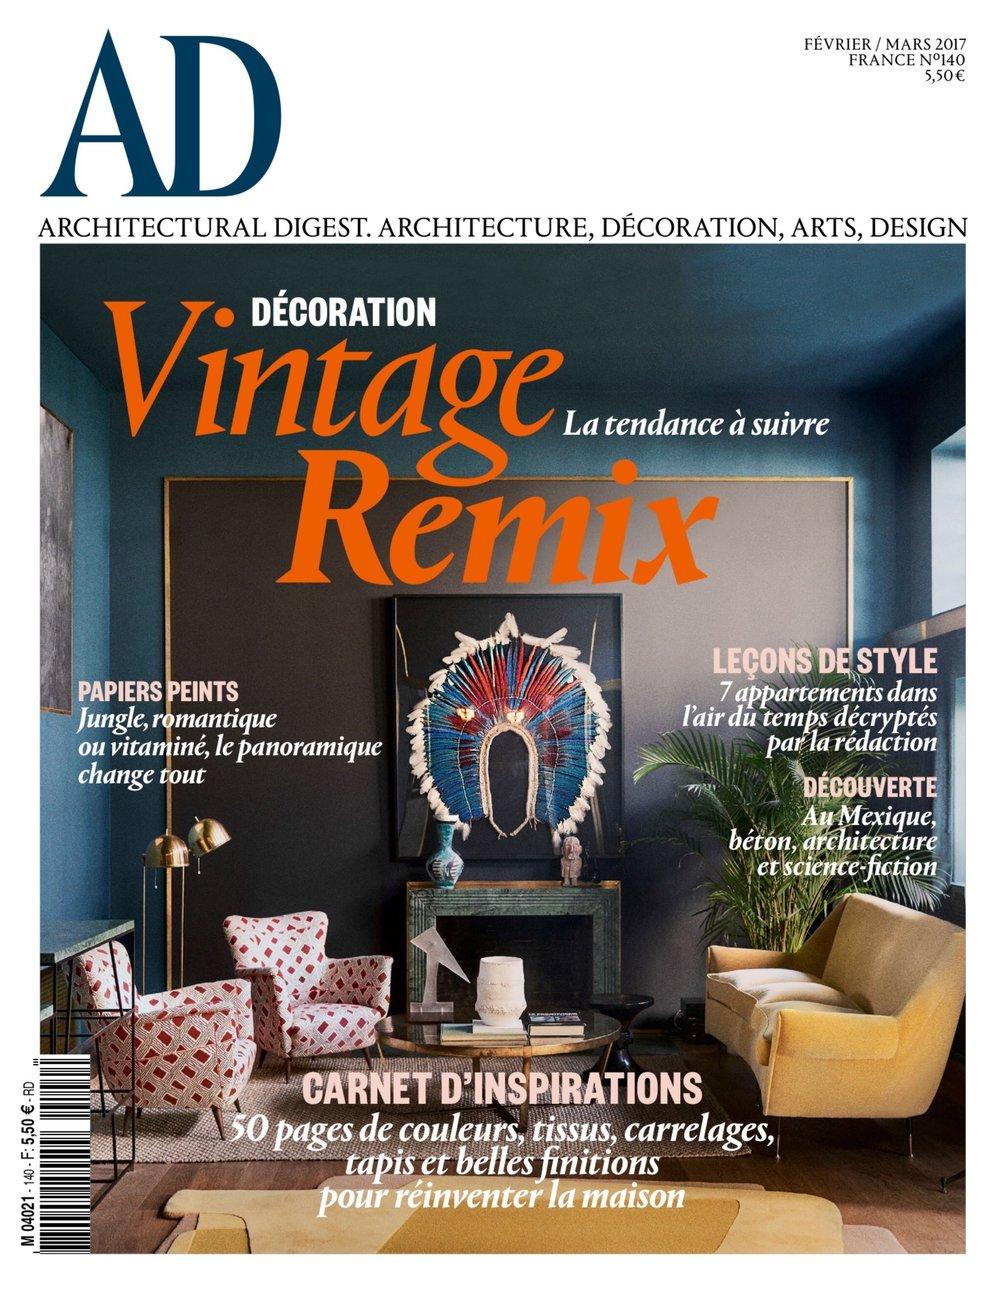 Dimore studio fait la couverture du dernier AD magazine Février/Mars 2017